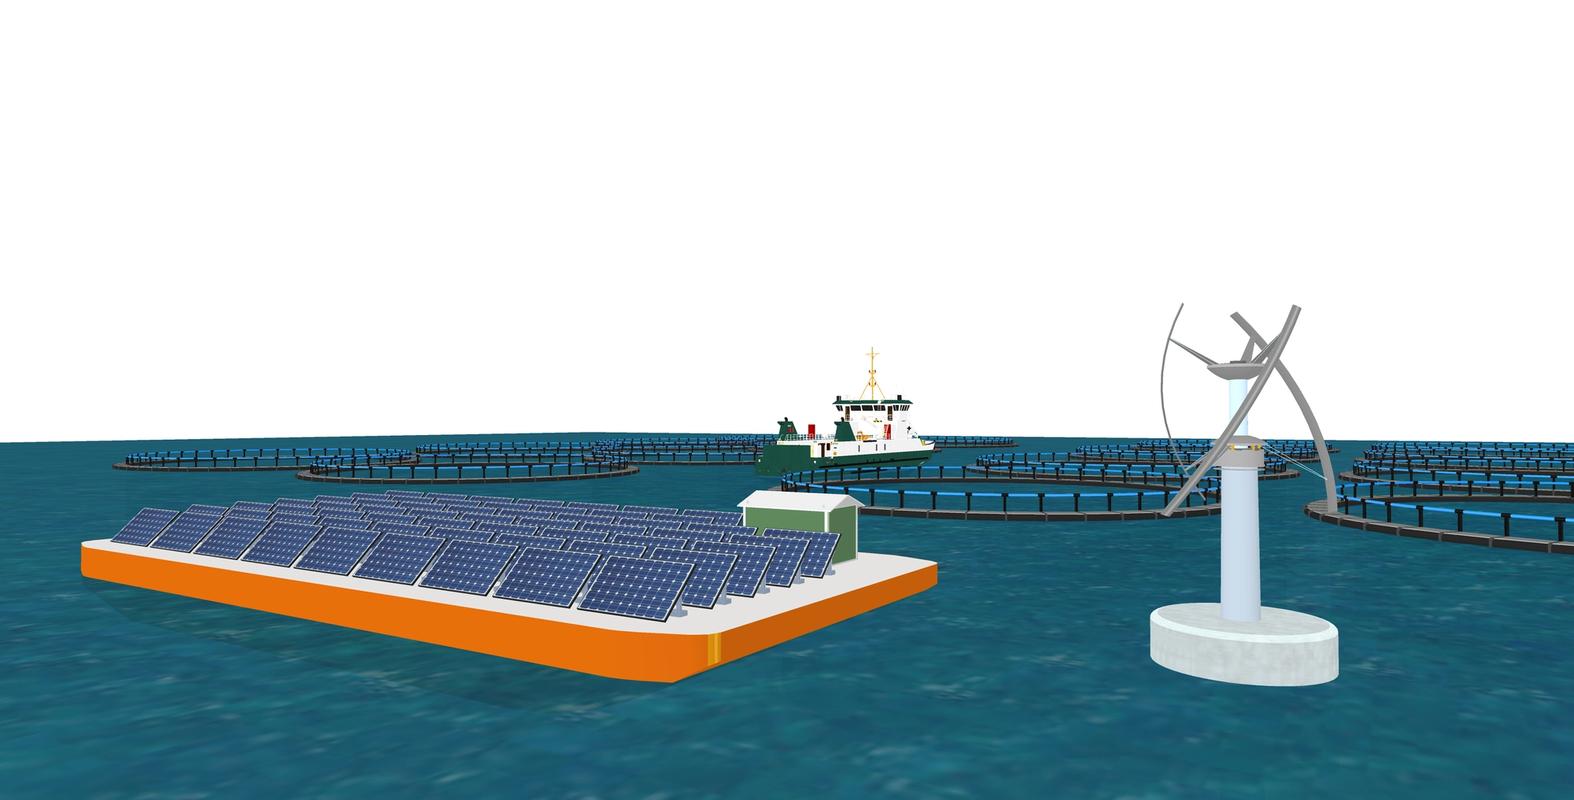 3D-tegning som viser oppdrettsanlegg, vindmølle og solcelleanlegg på havet.